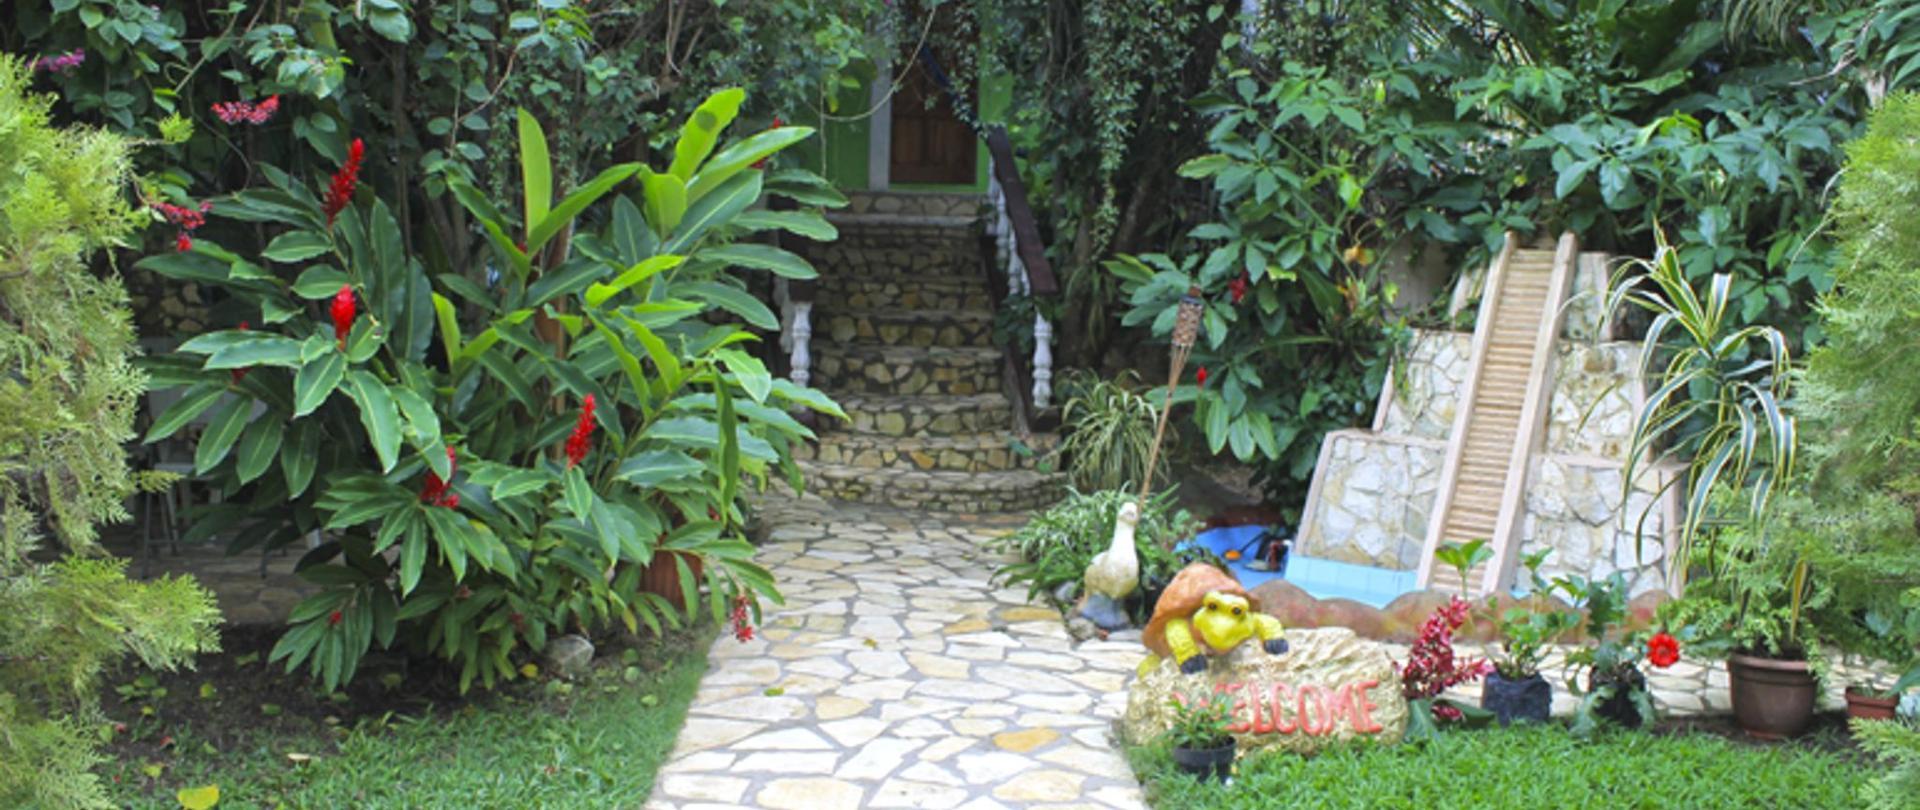 tikal_las_gardenias-1.png